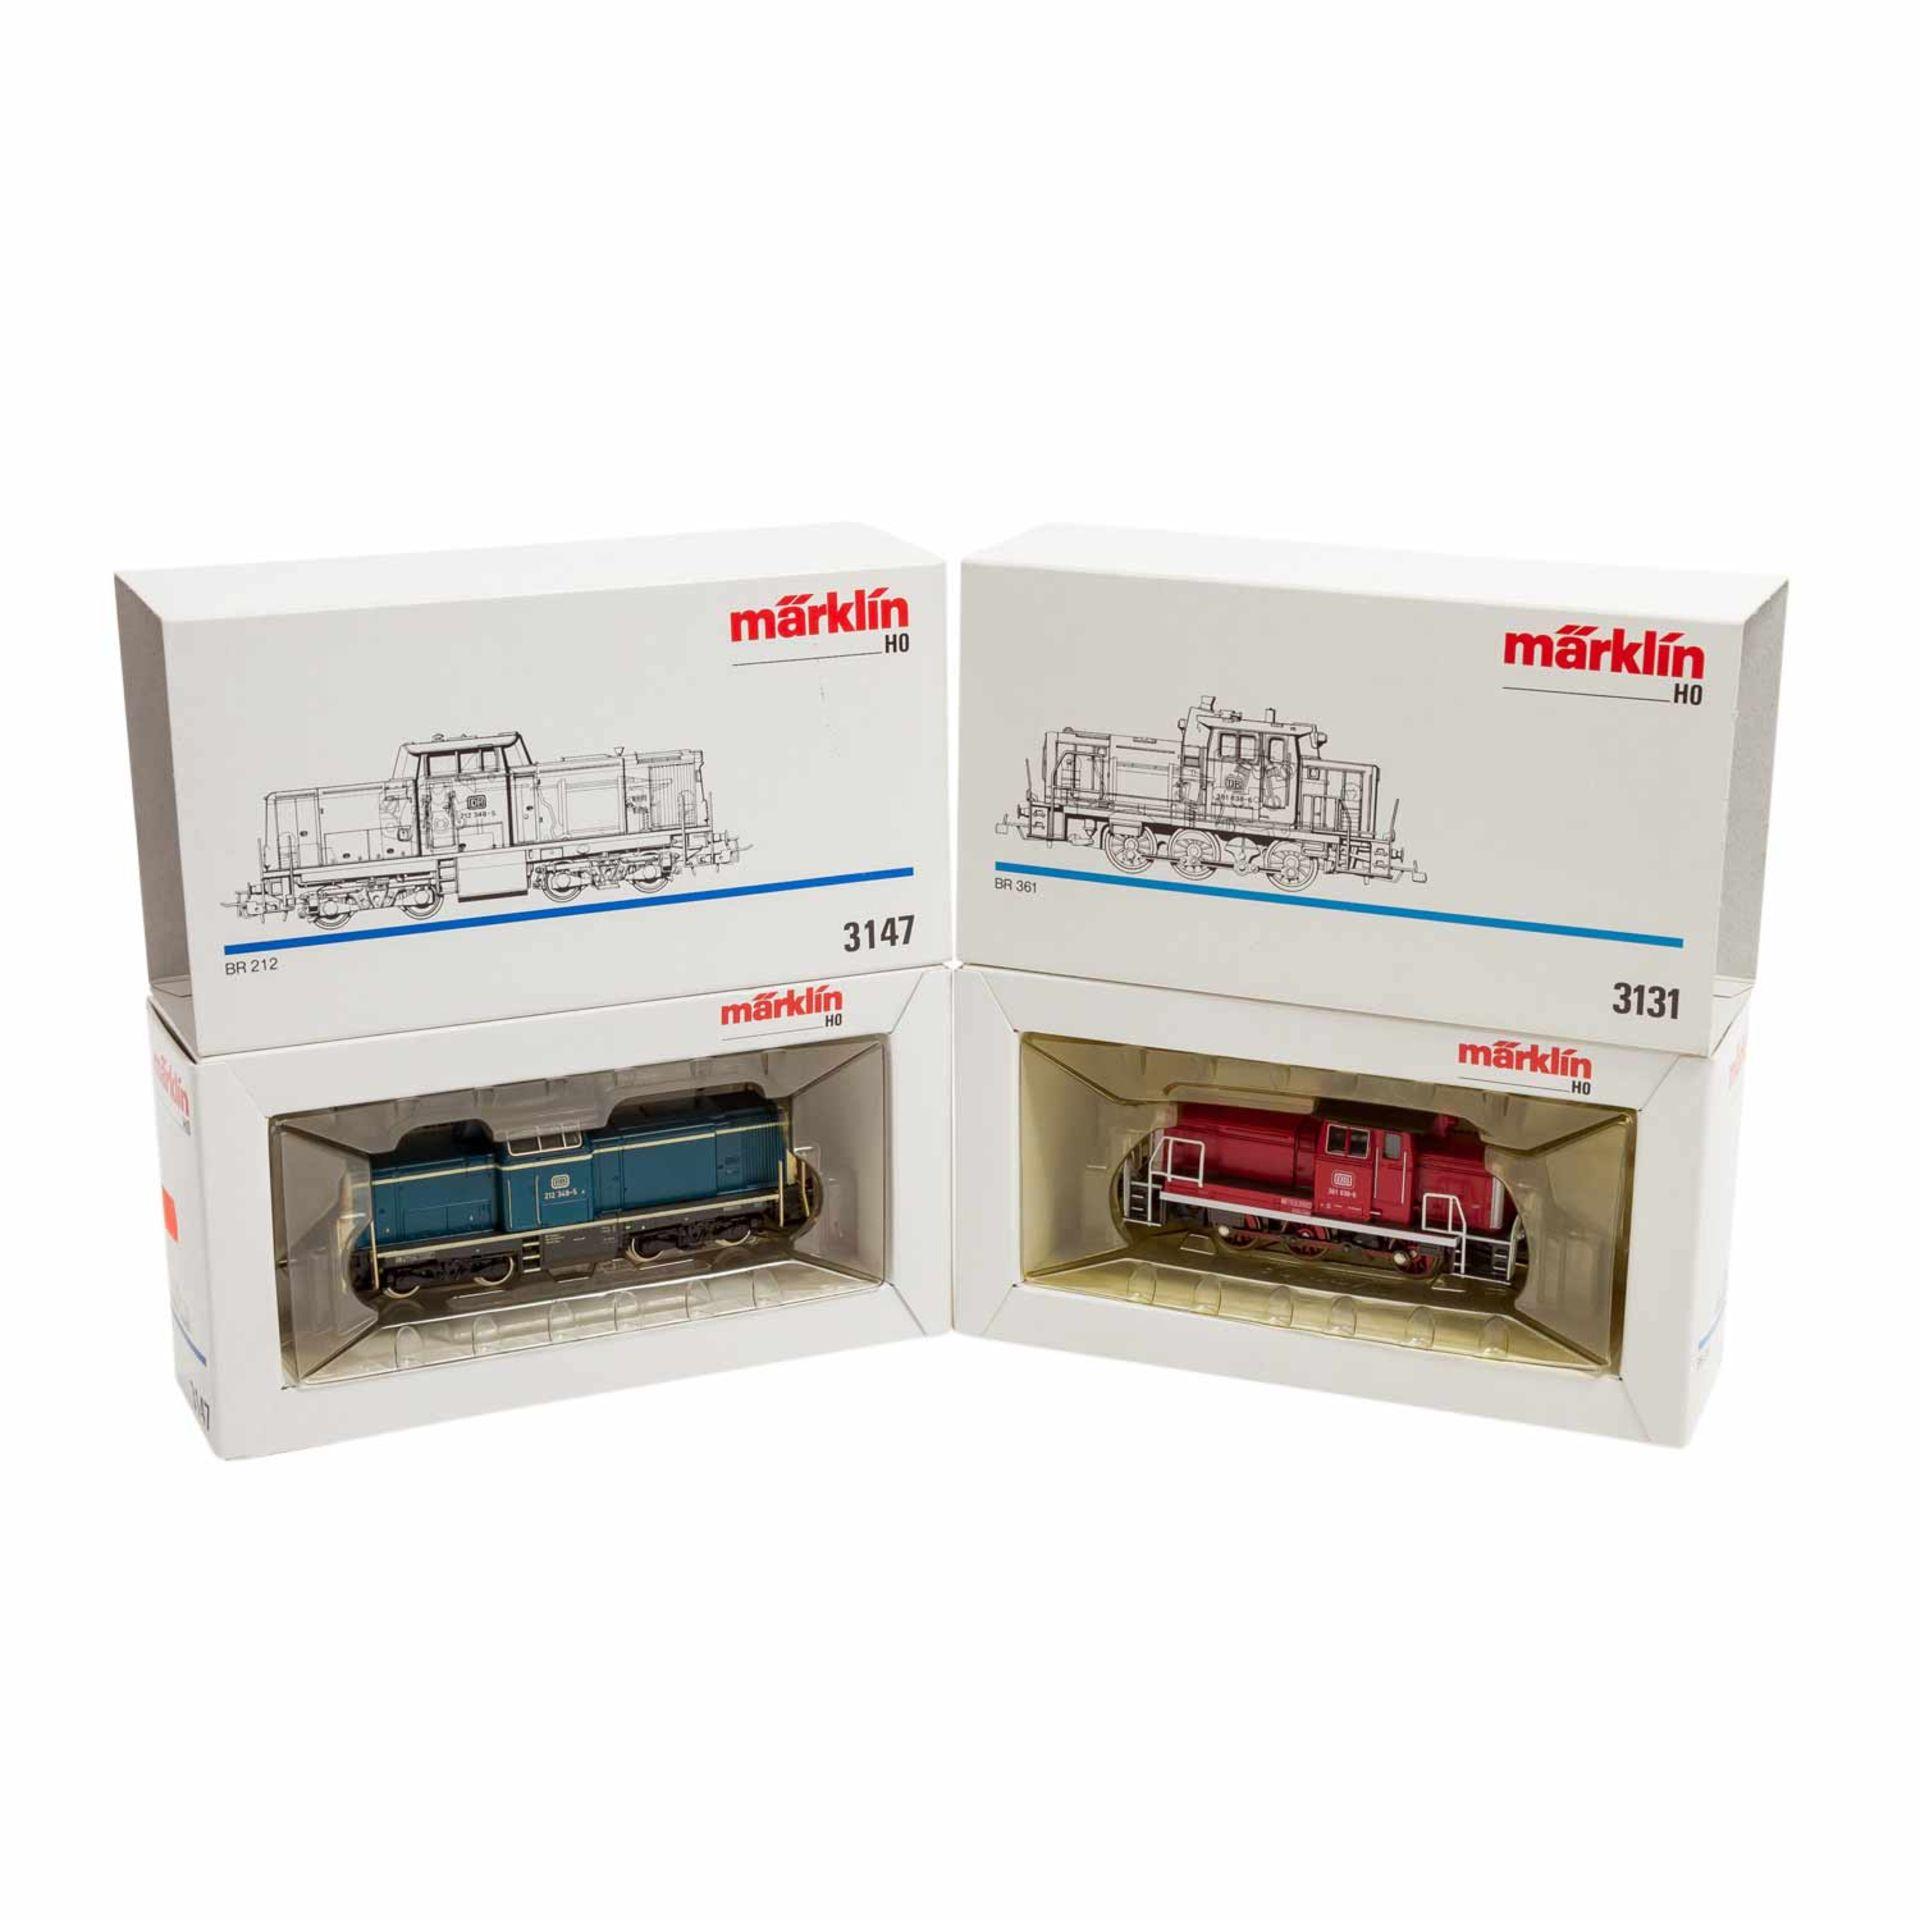 MÄRKLIN Konvolut von zwei Dieselloks und 8 Güterwagen, Spur H0,bestehend aus Diesell - Image 2 of 3